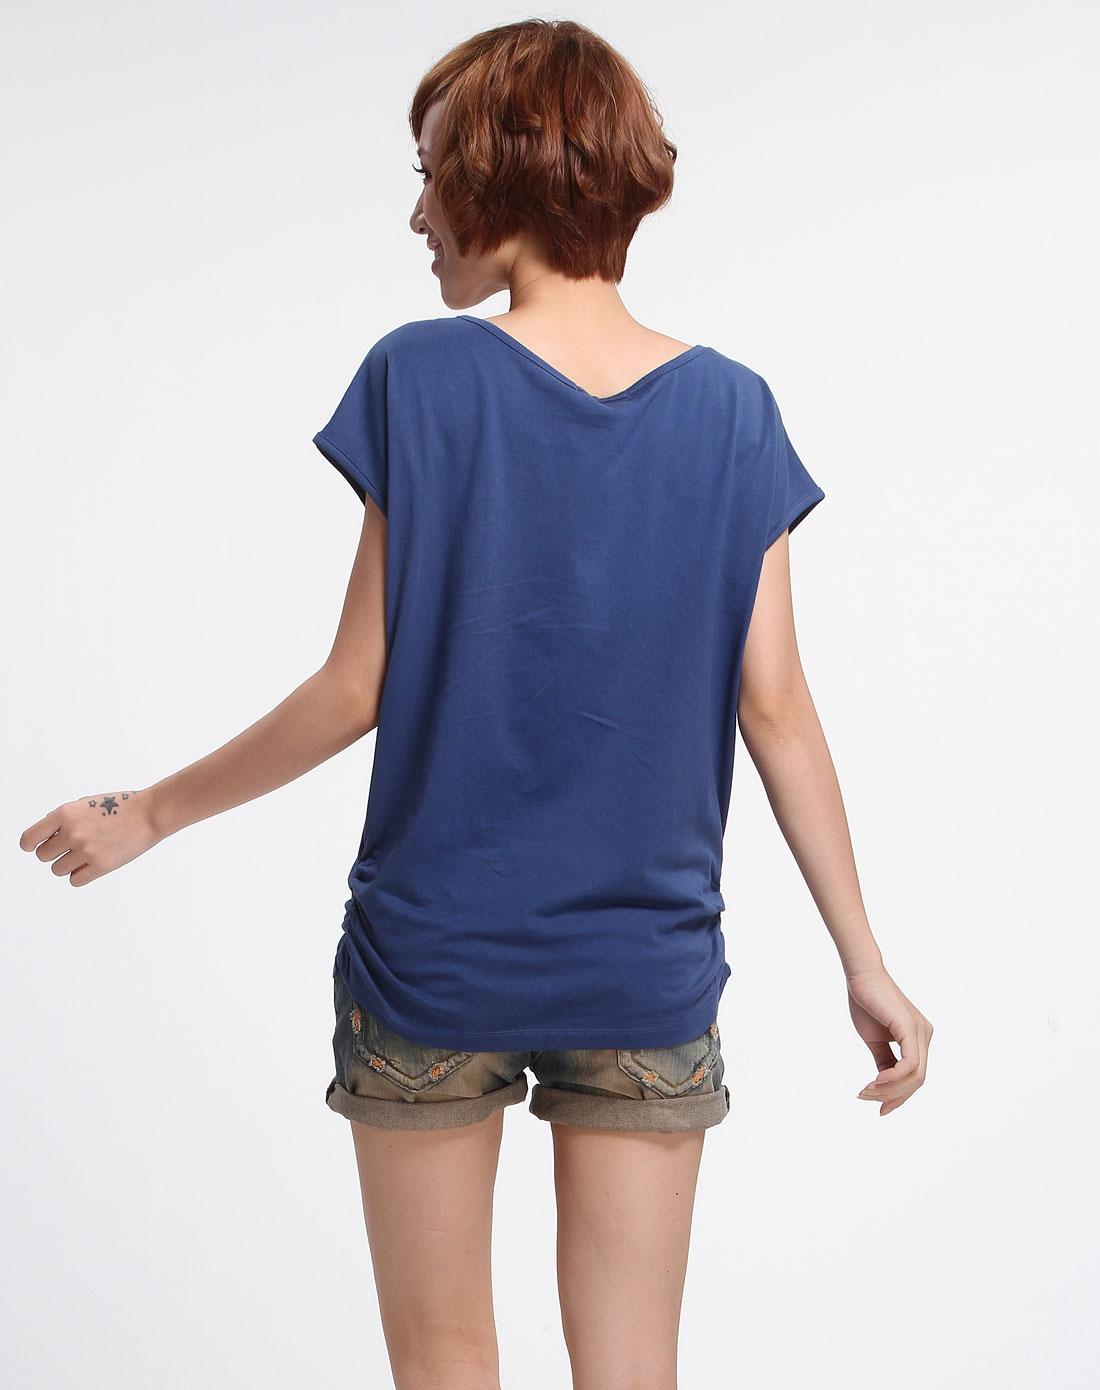 深蓝色人物图案烫钻时尚短袖t恤